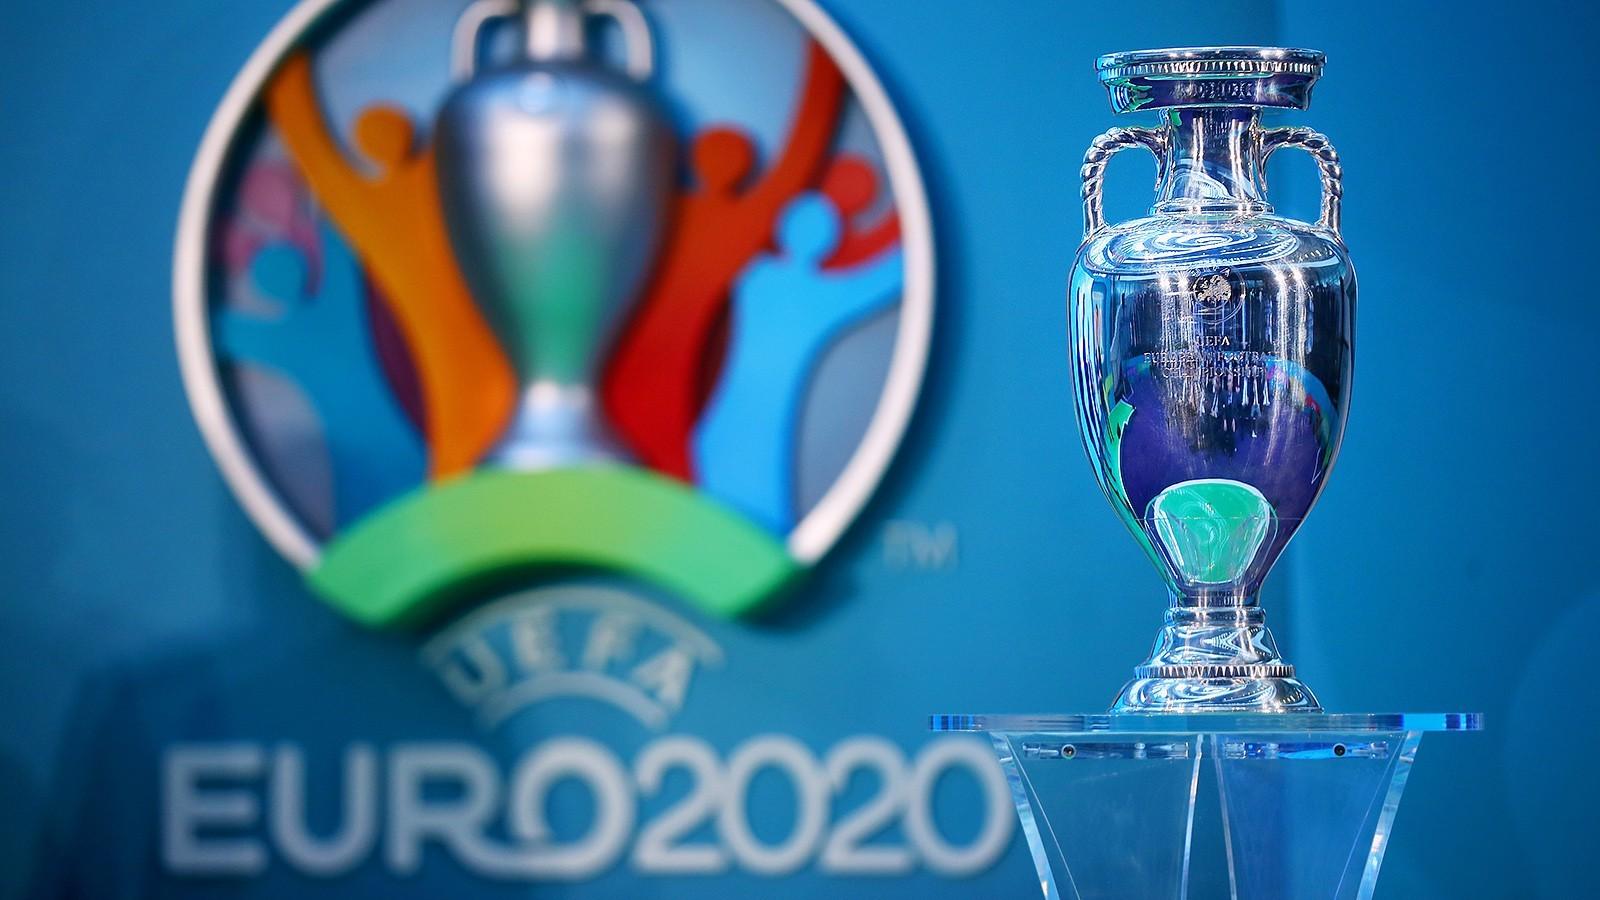 Ужас второго матча. Статистика говорит, что России надо побеждать Финляндию для выхода в плей-офф Евро-2020